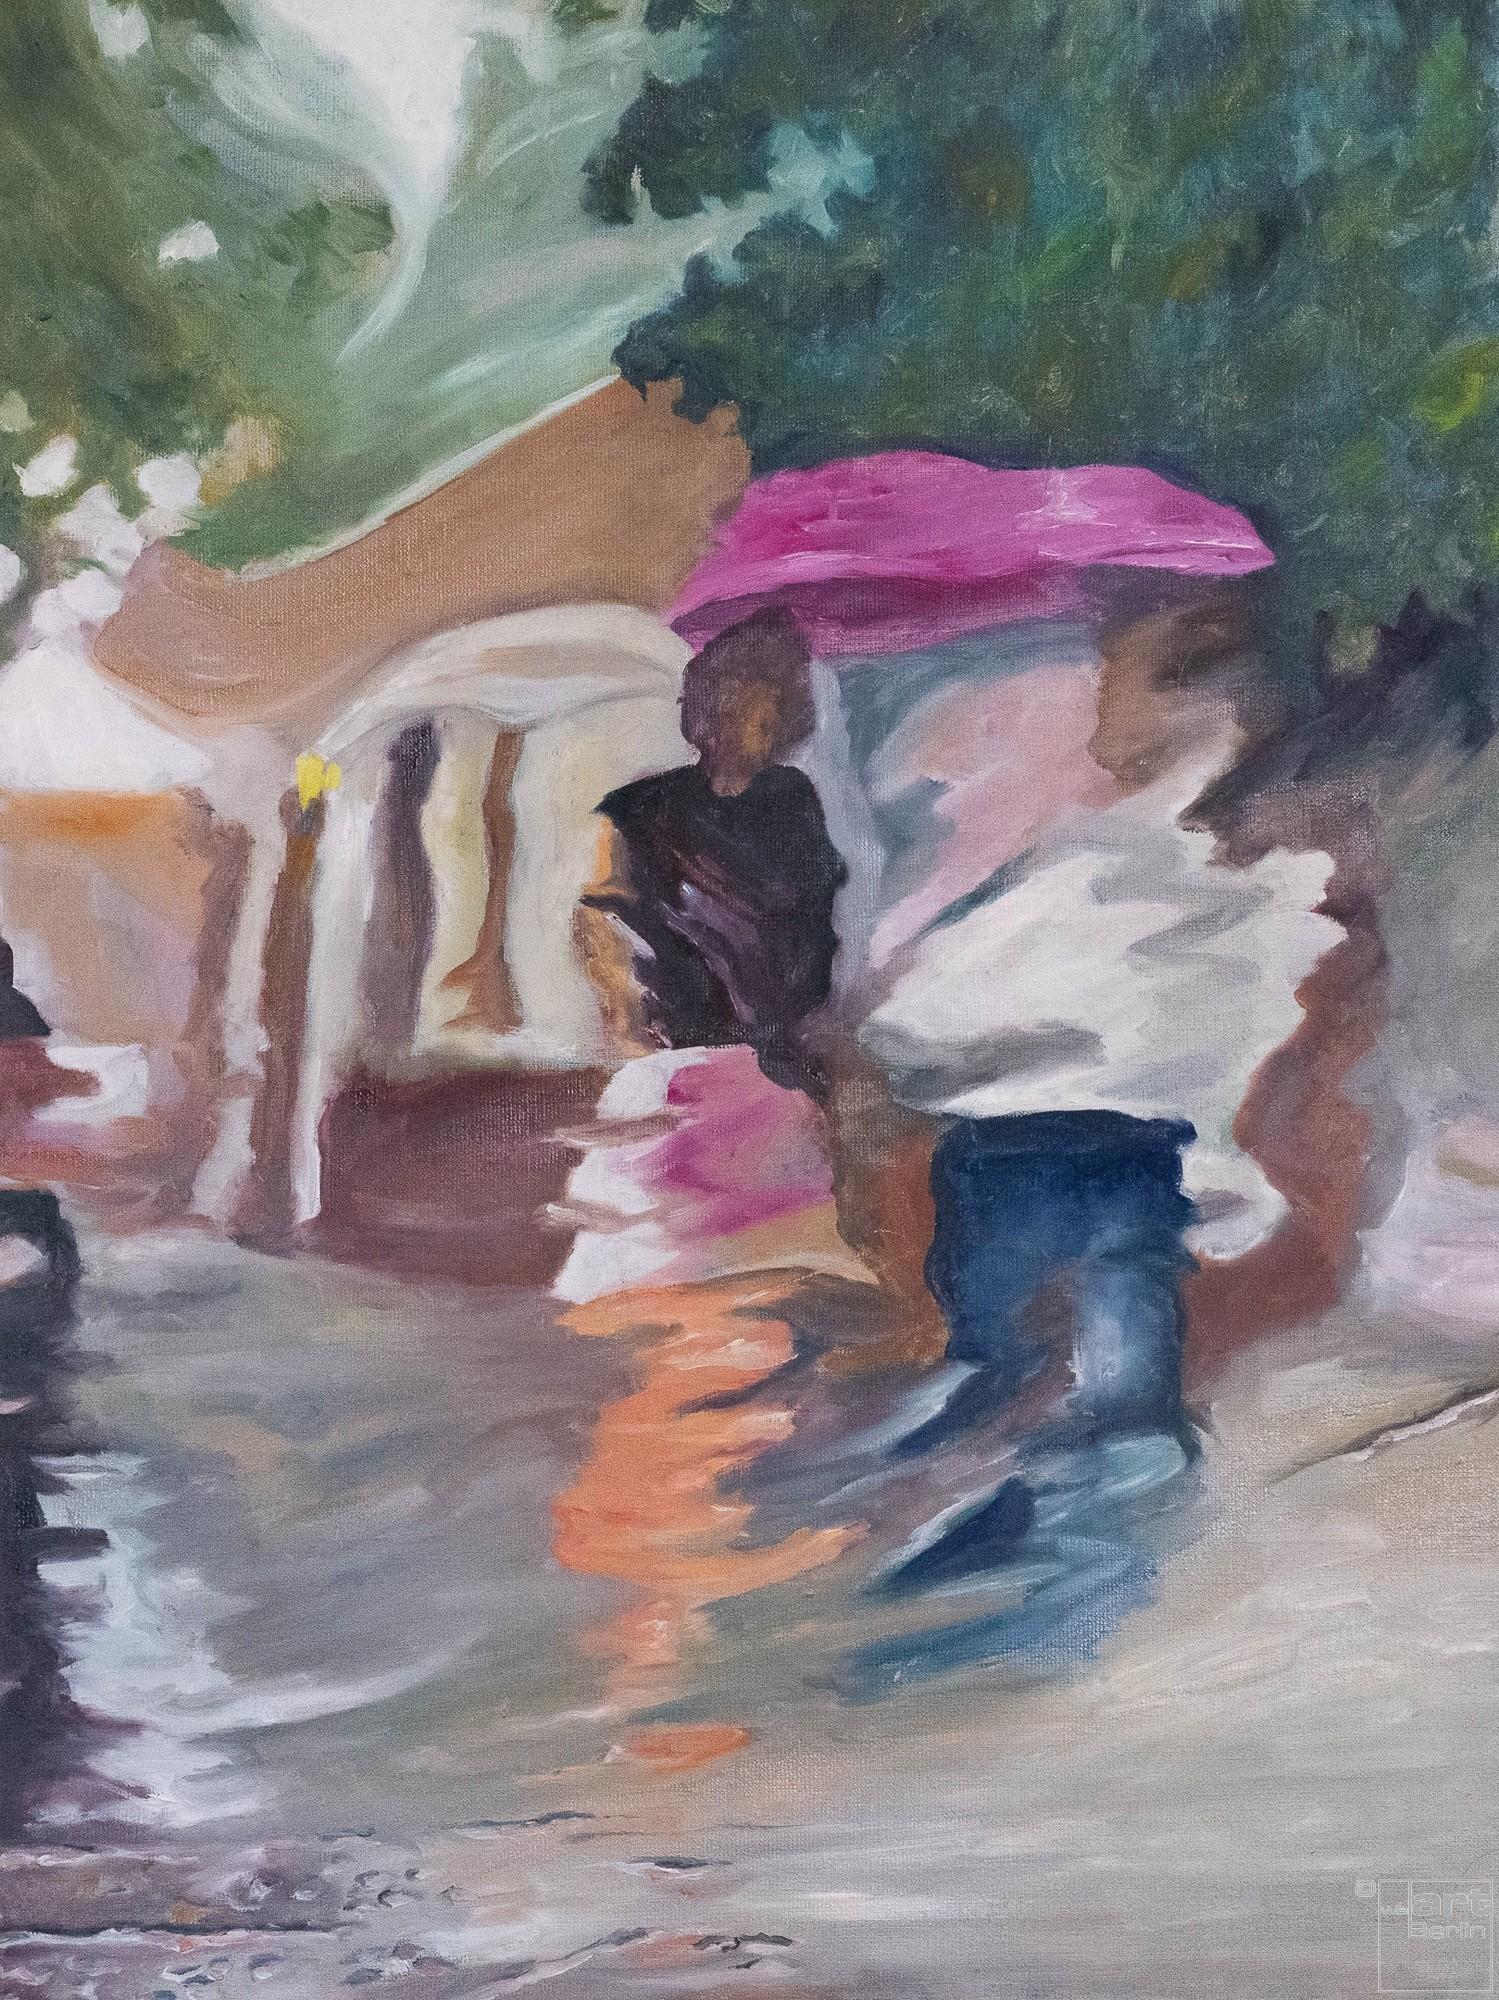 Now and gone | Malerei von Künstlerin Simone Westphal, Öl auf Leinwand